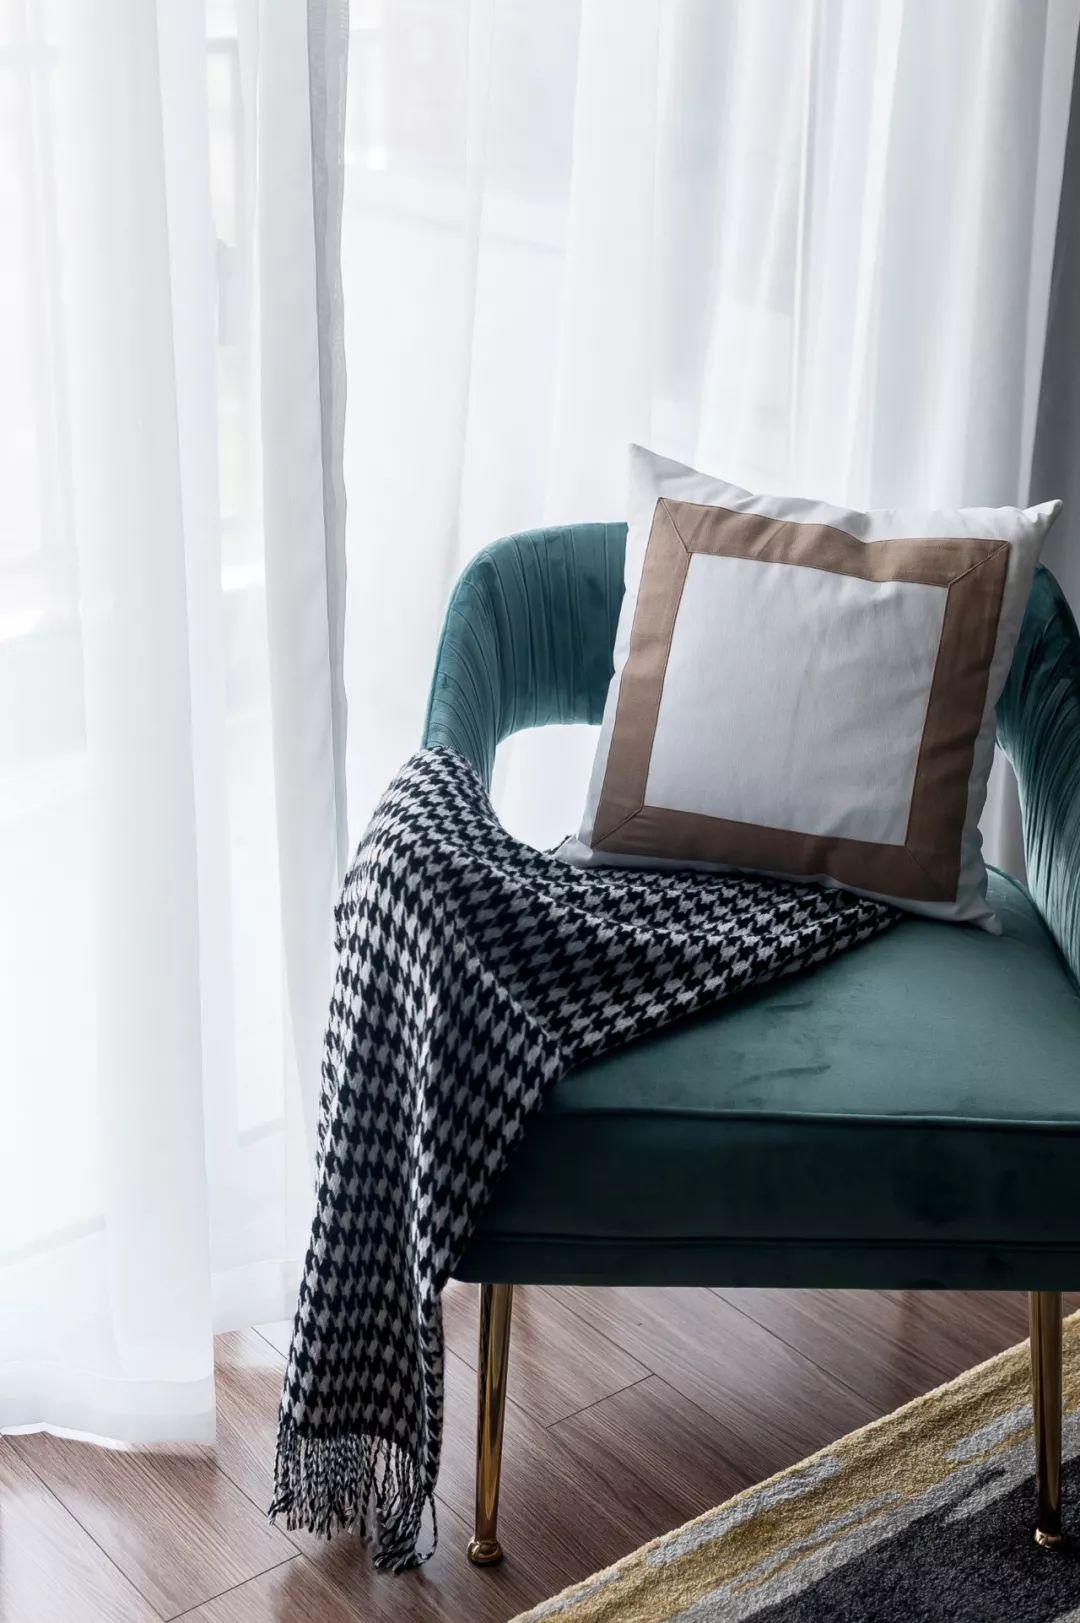 沙发墙以素净的灰绿色为主,摆上几个活力抱枕,黑,白大小台面的茶几两